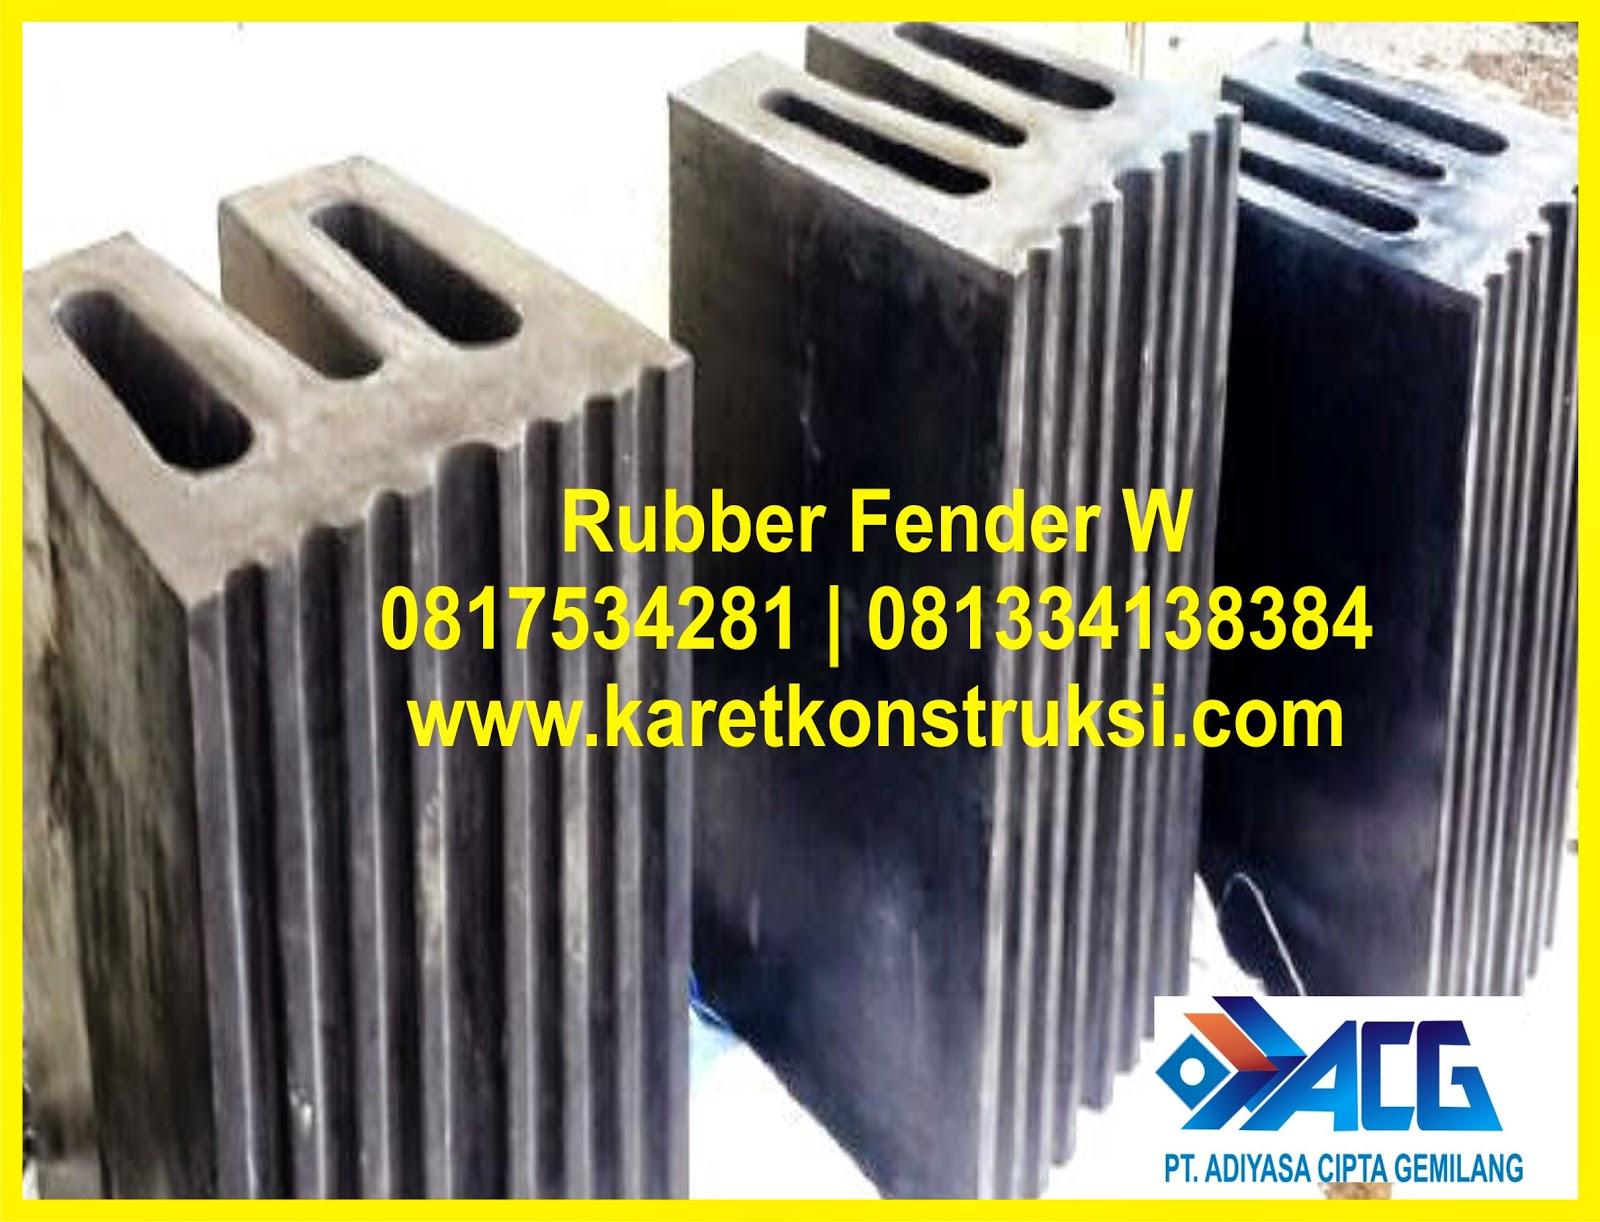 Jual Rubber fender , rubber fender jakarta , rubber fender type v , Harga rubber fender indonesia  , rubber fender Dermaga , rubber fender surabaya